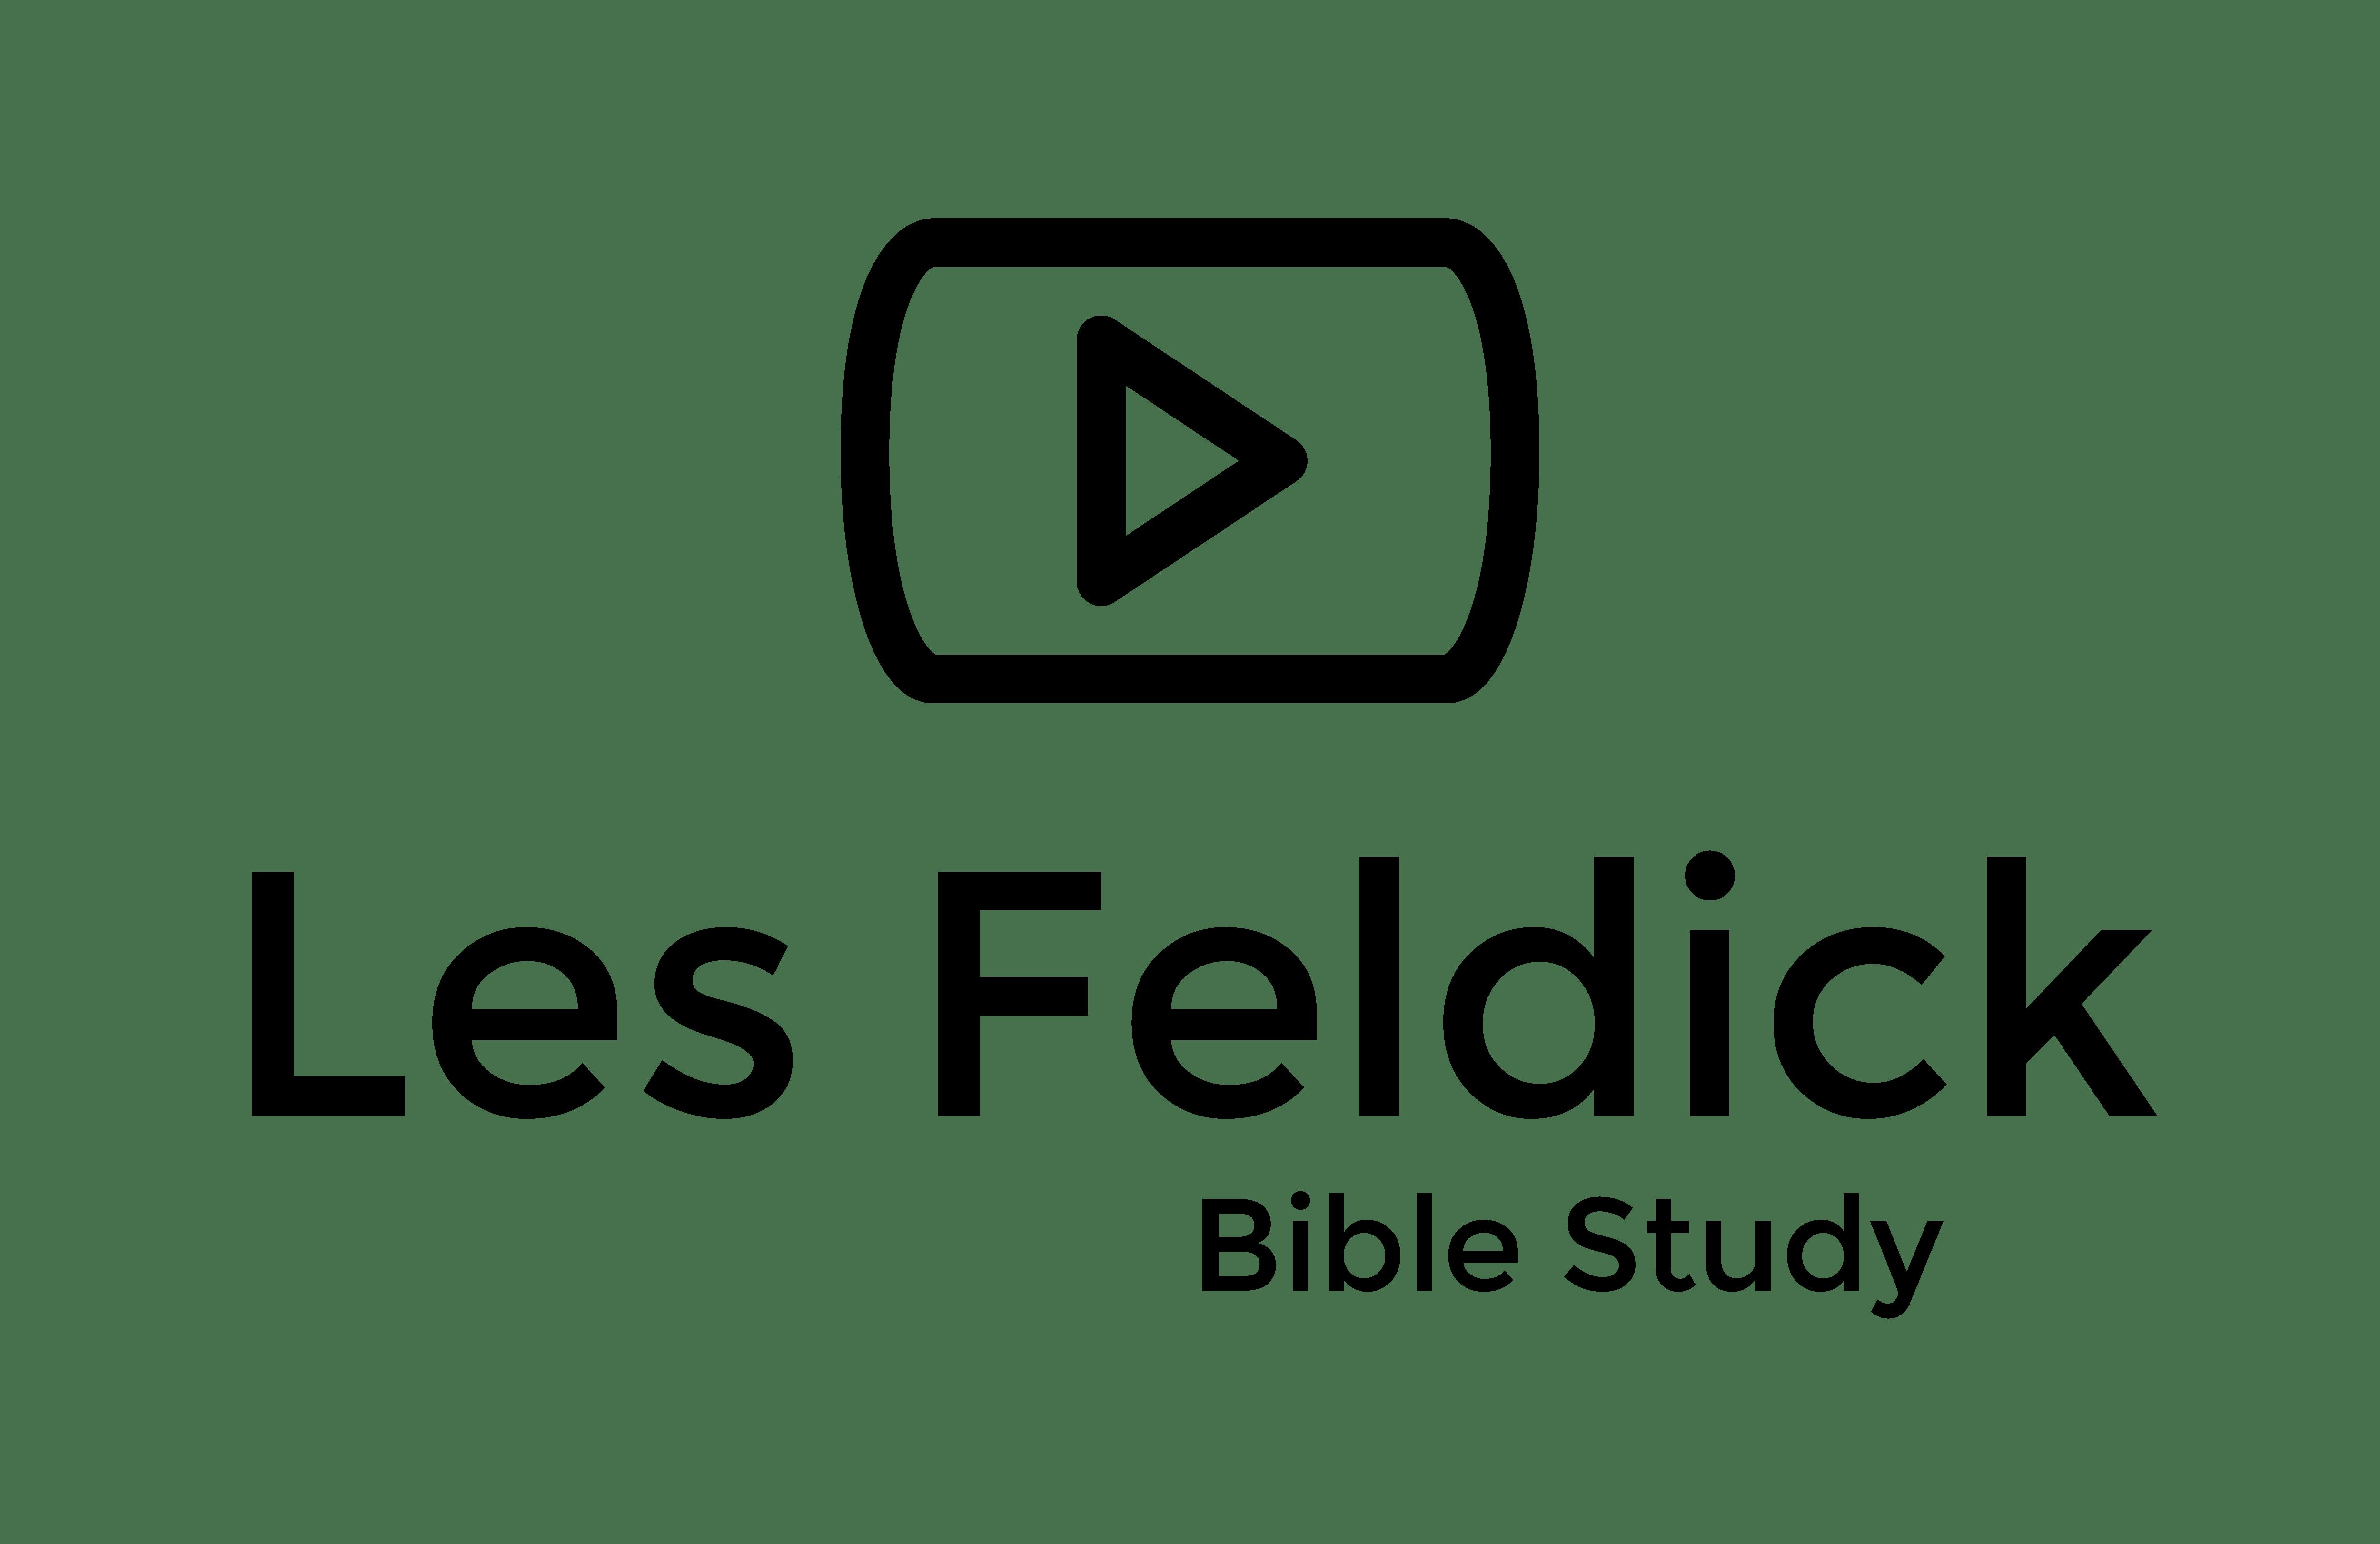 Les Feldick Bible Study